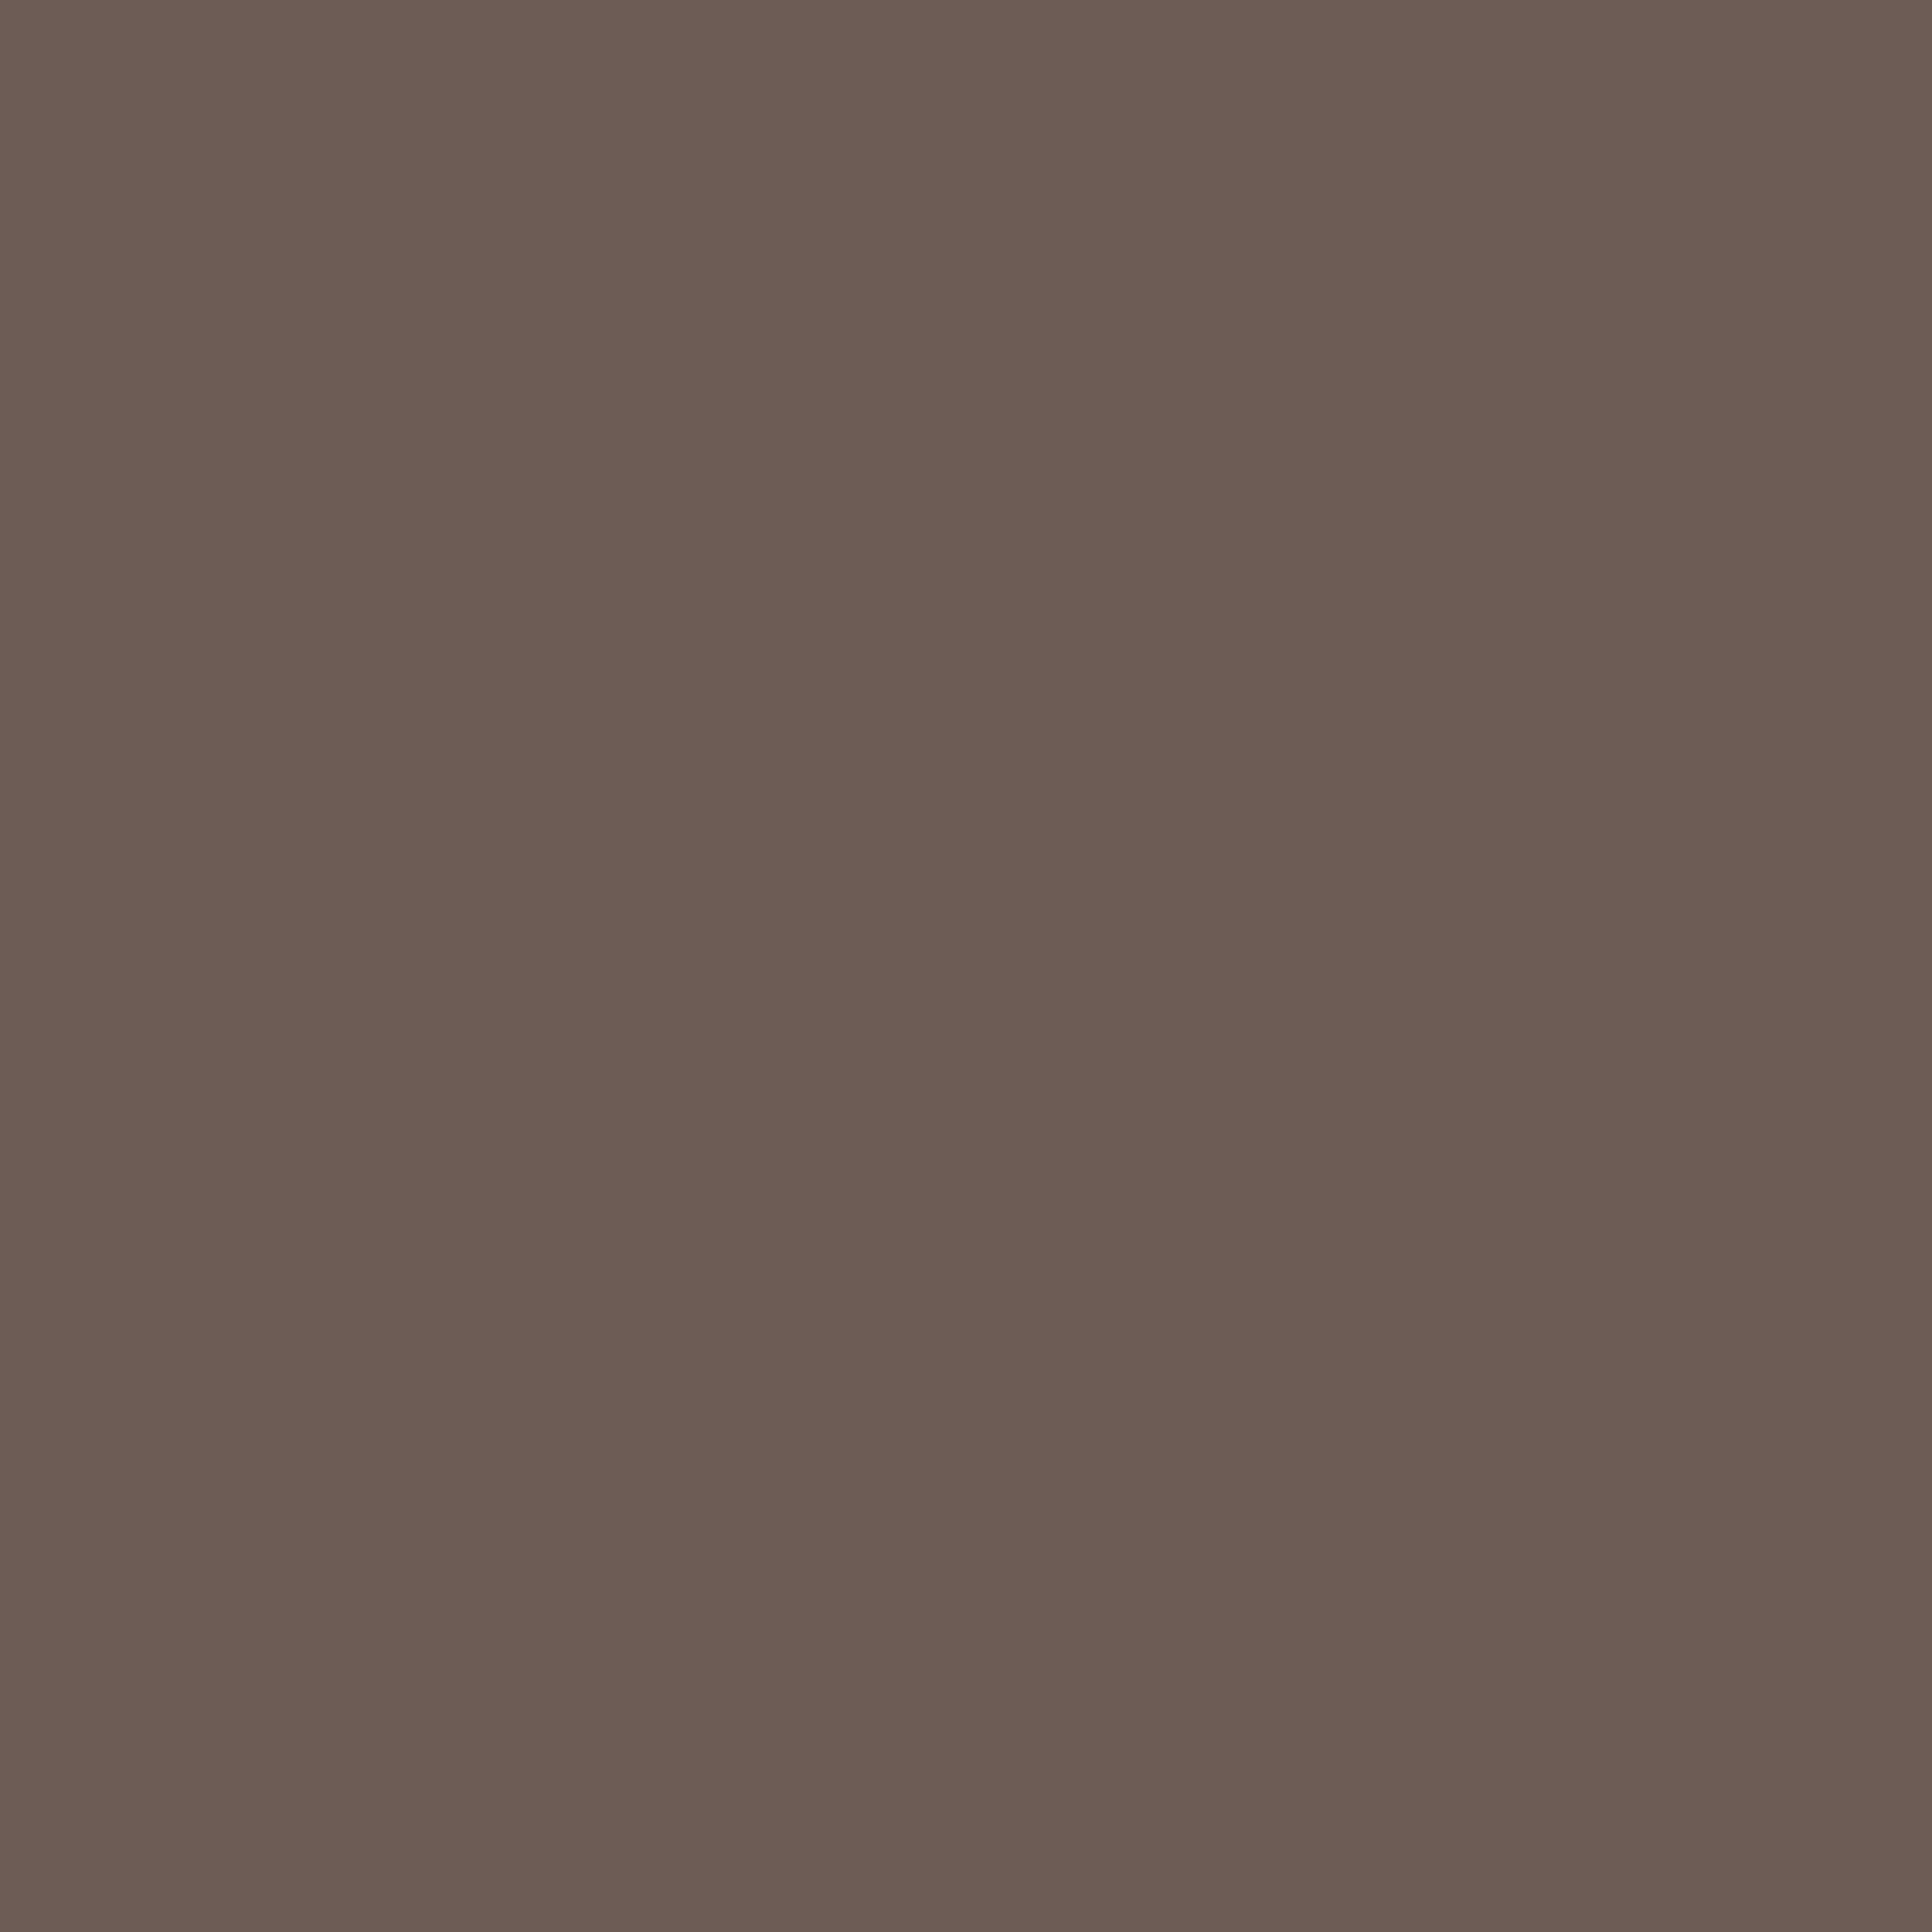 Эмаль Dufa Seidenmattlack полуматовая 0.75 л цвет шоколадно-коричневый